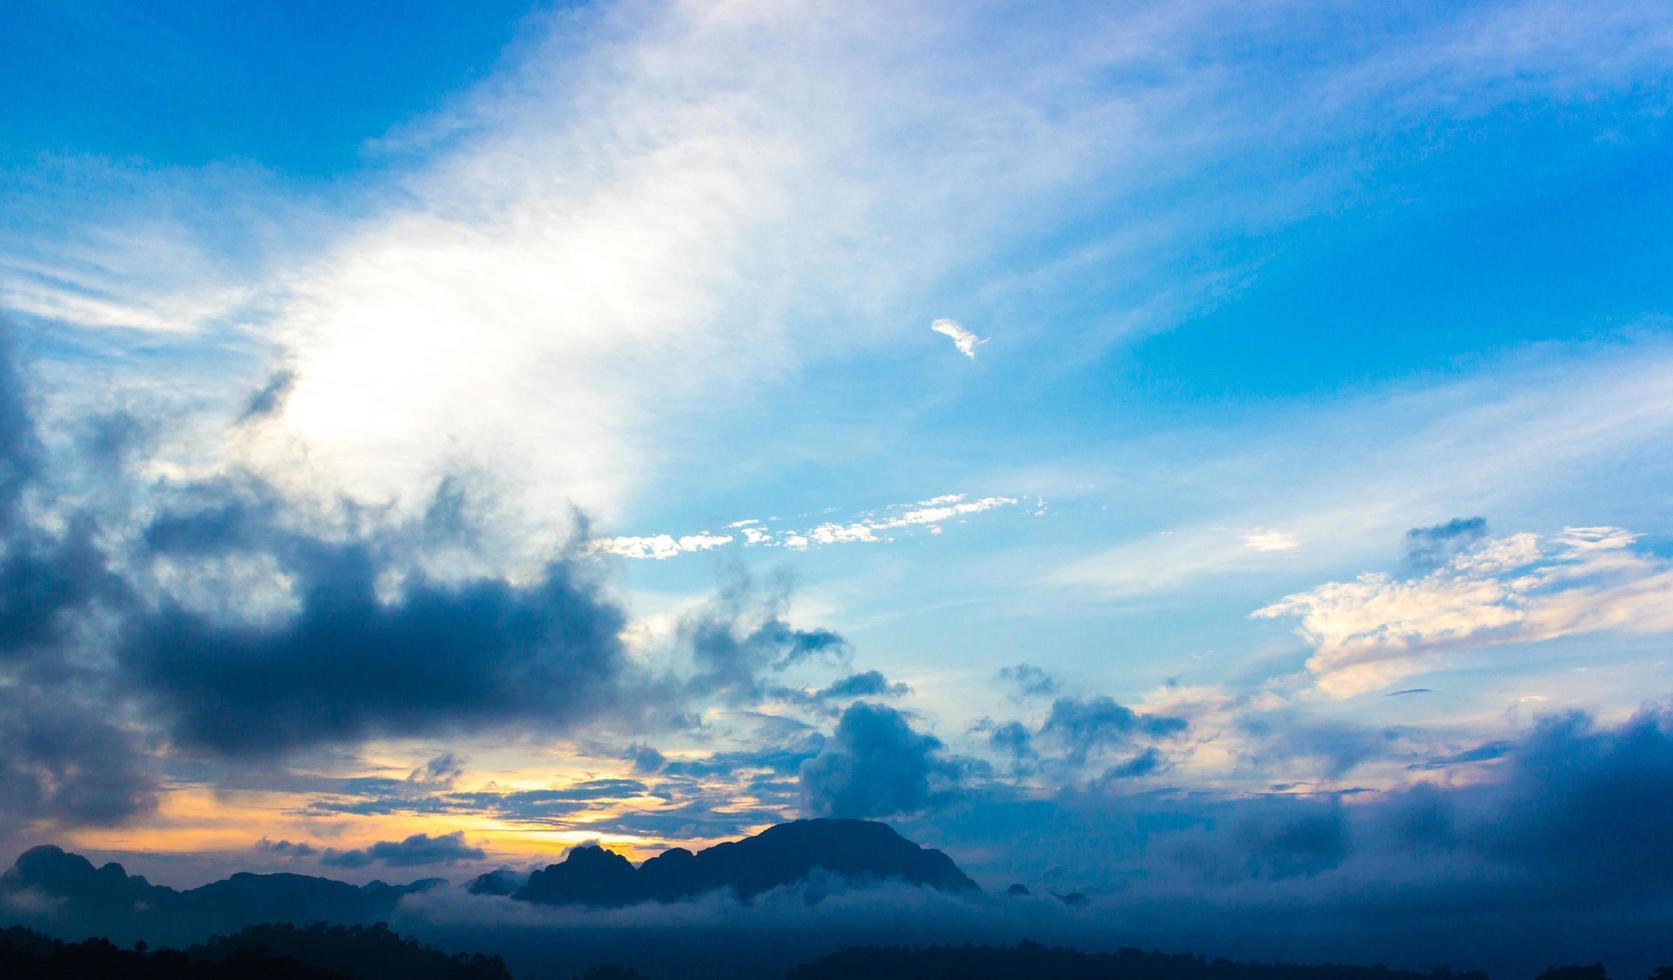 zonsopgang tegen bewolkte blauwe hemel foto